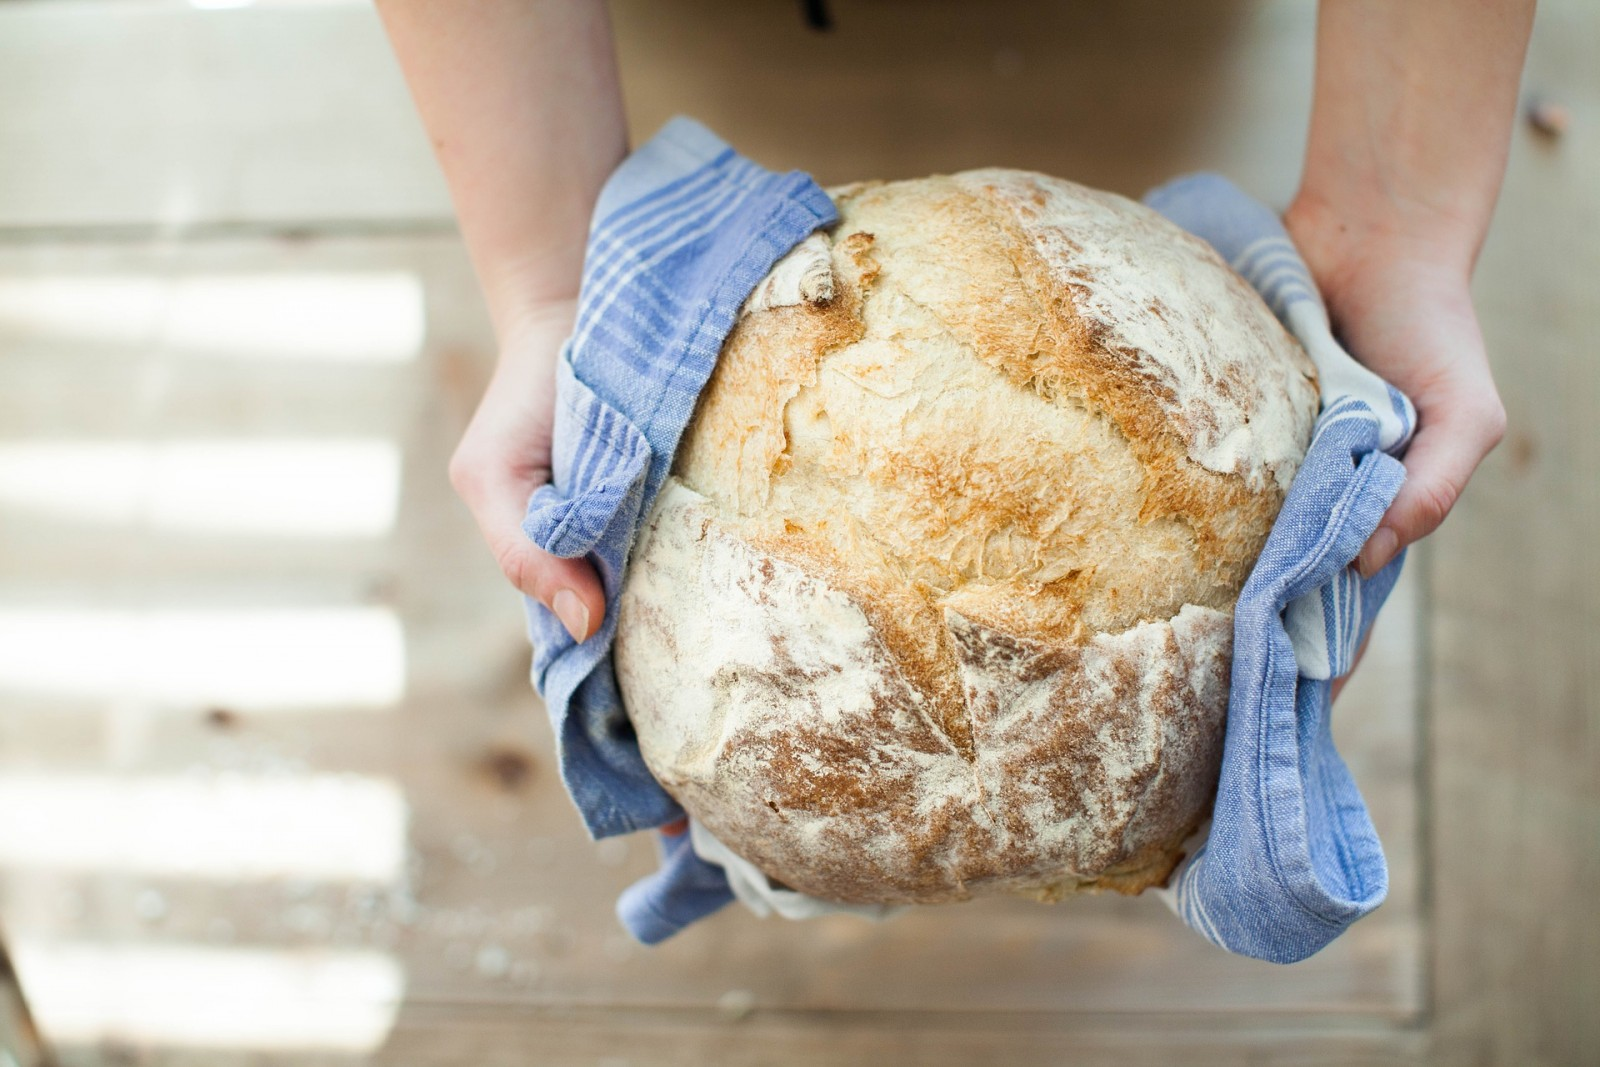 DOP bread